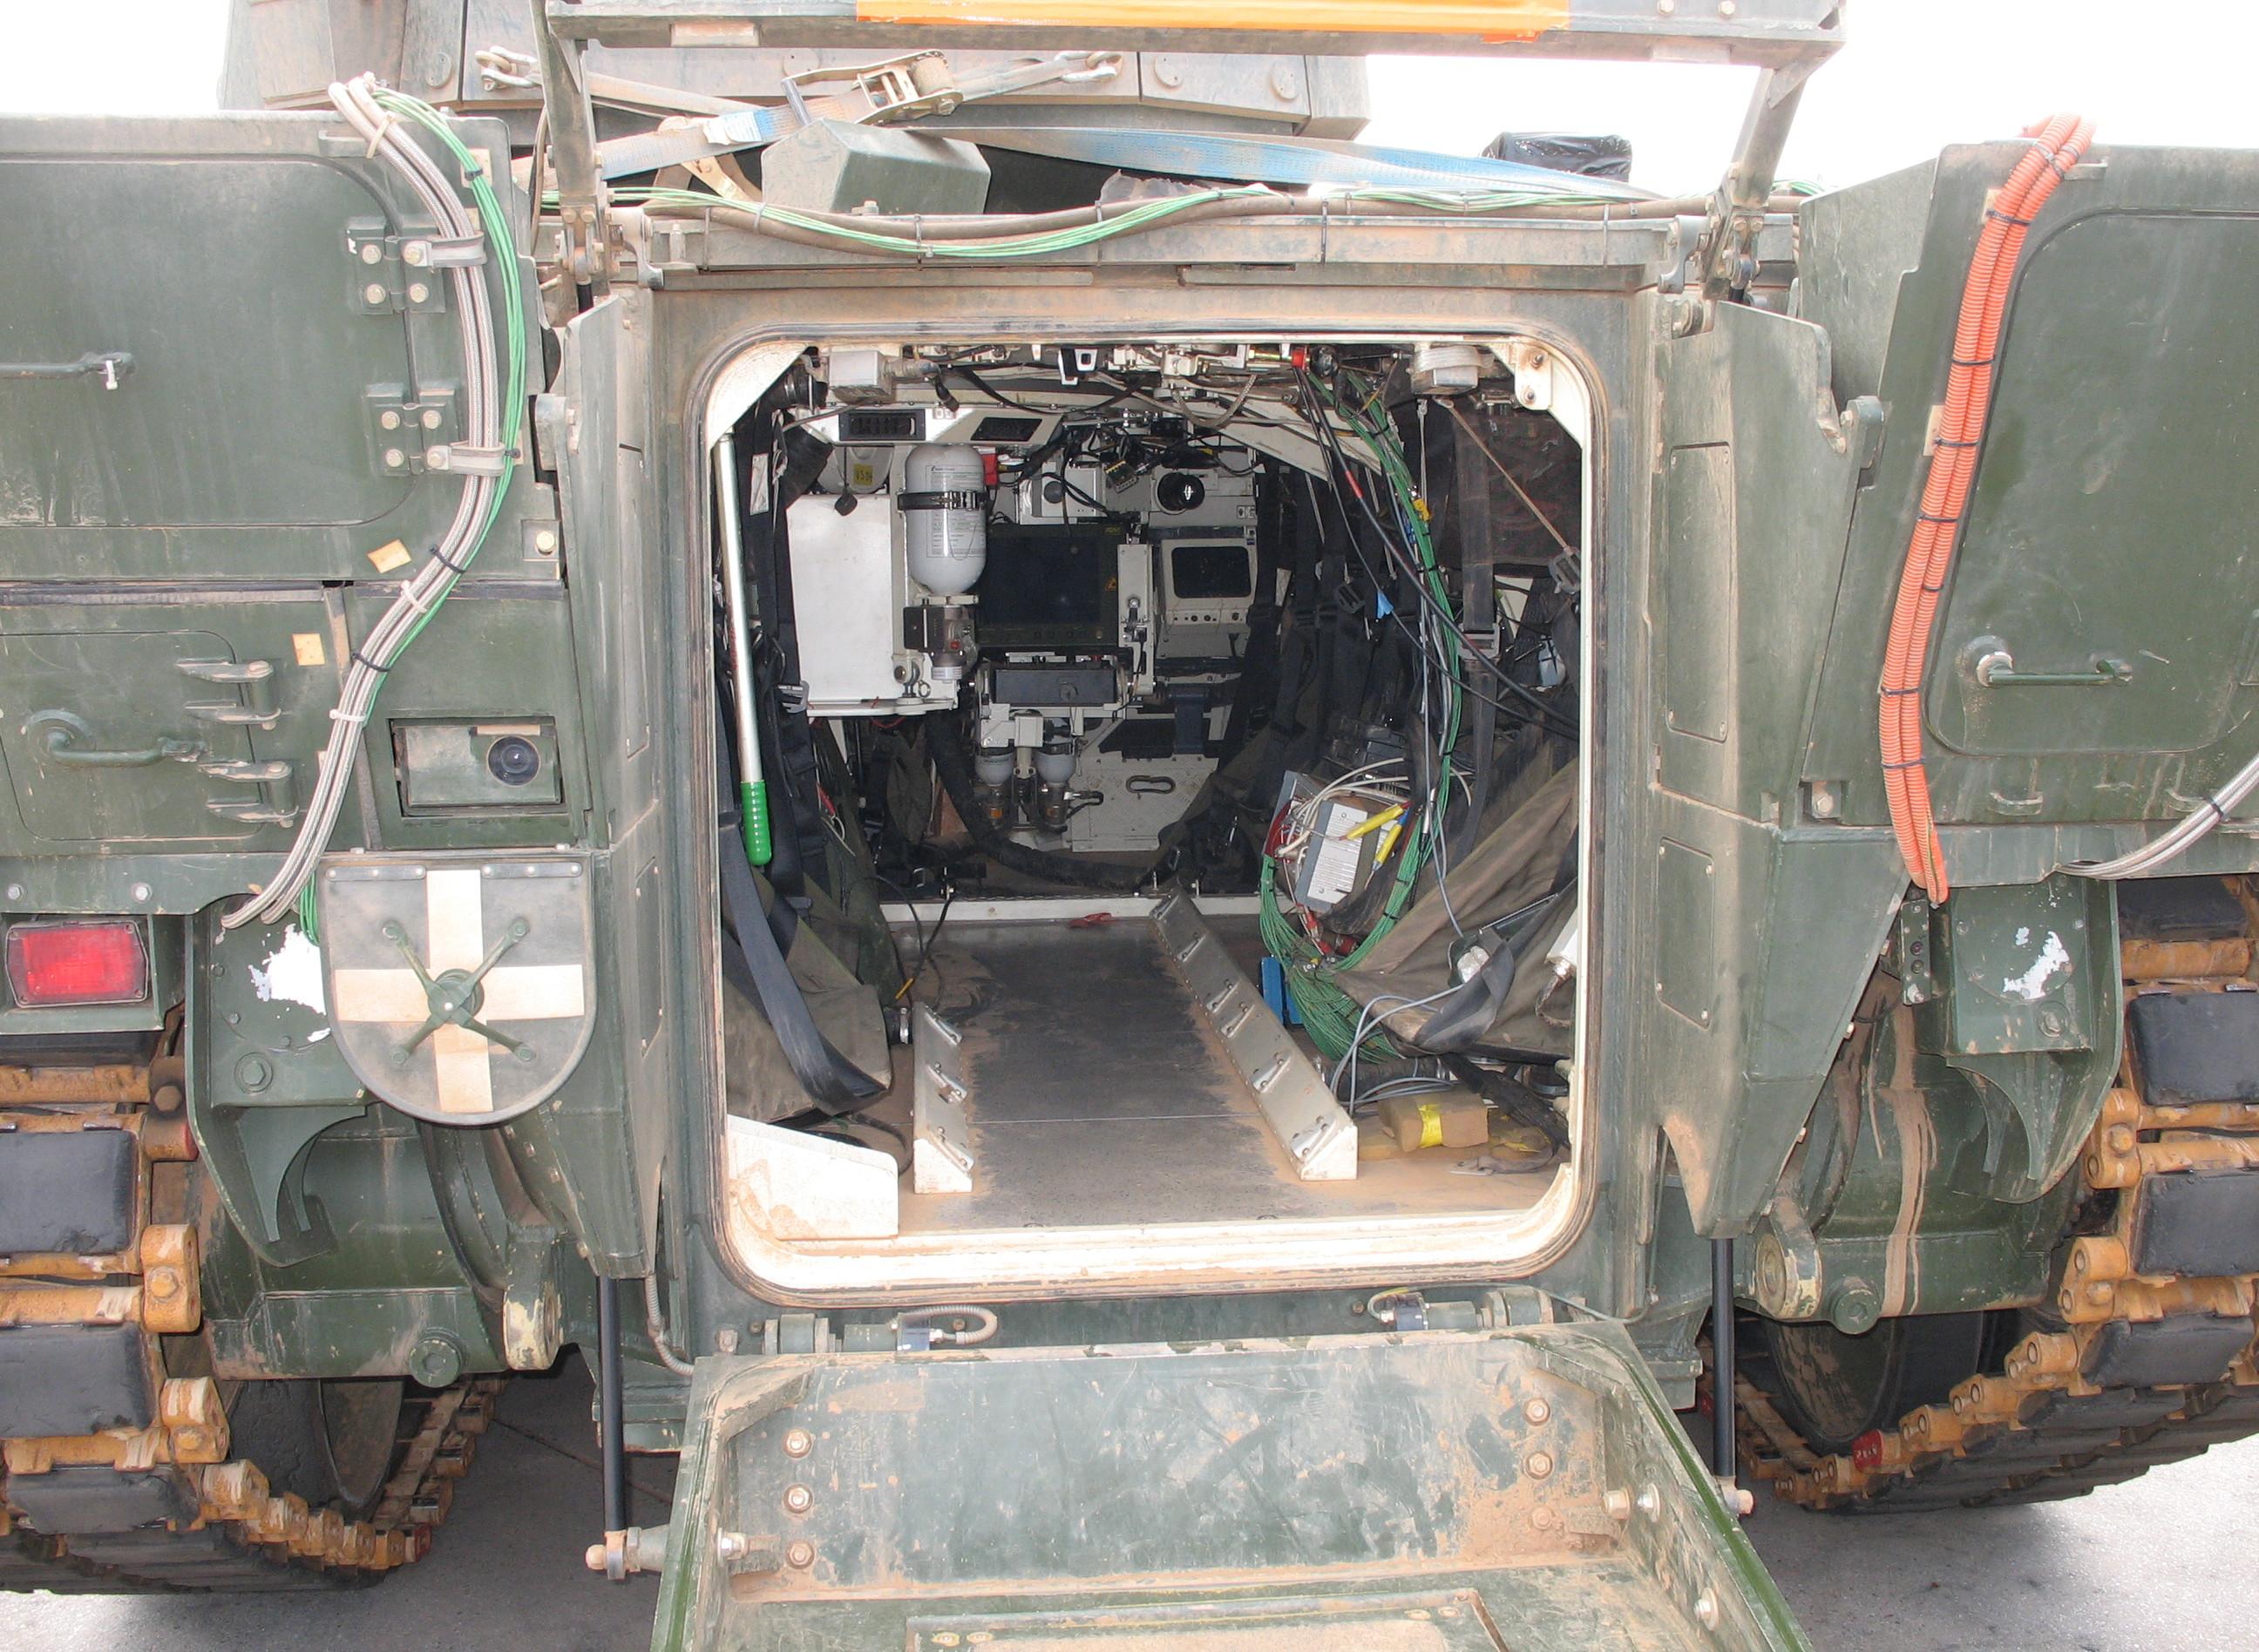 Sch%C3%BCtzenpanzer_Puma_(Kampfraum).jpg